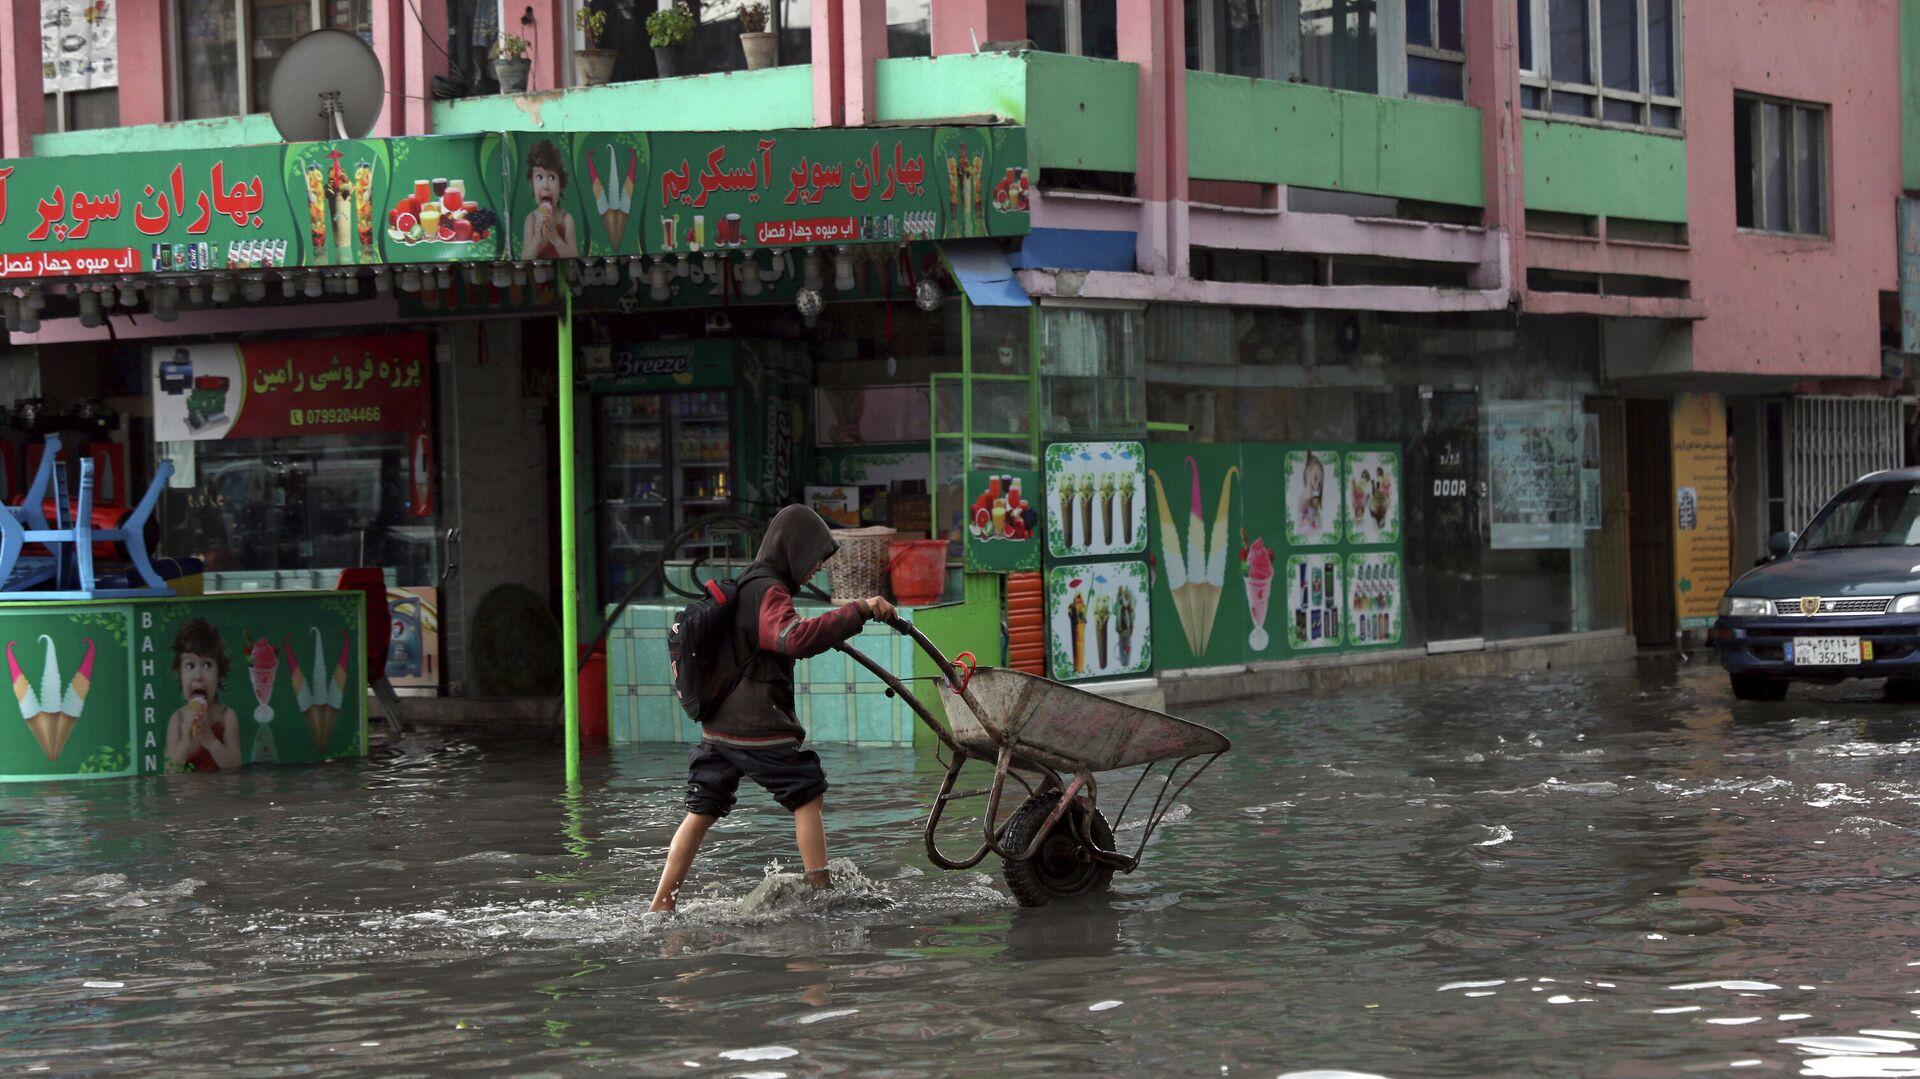 Inundación en Afganistán por las fuertes lluvias - Sputnik Mundo, 1920, 08.05.2021